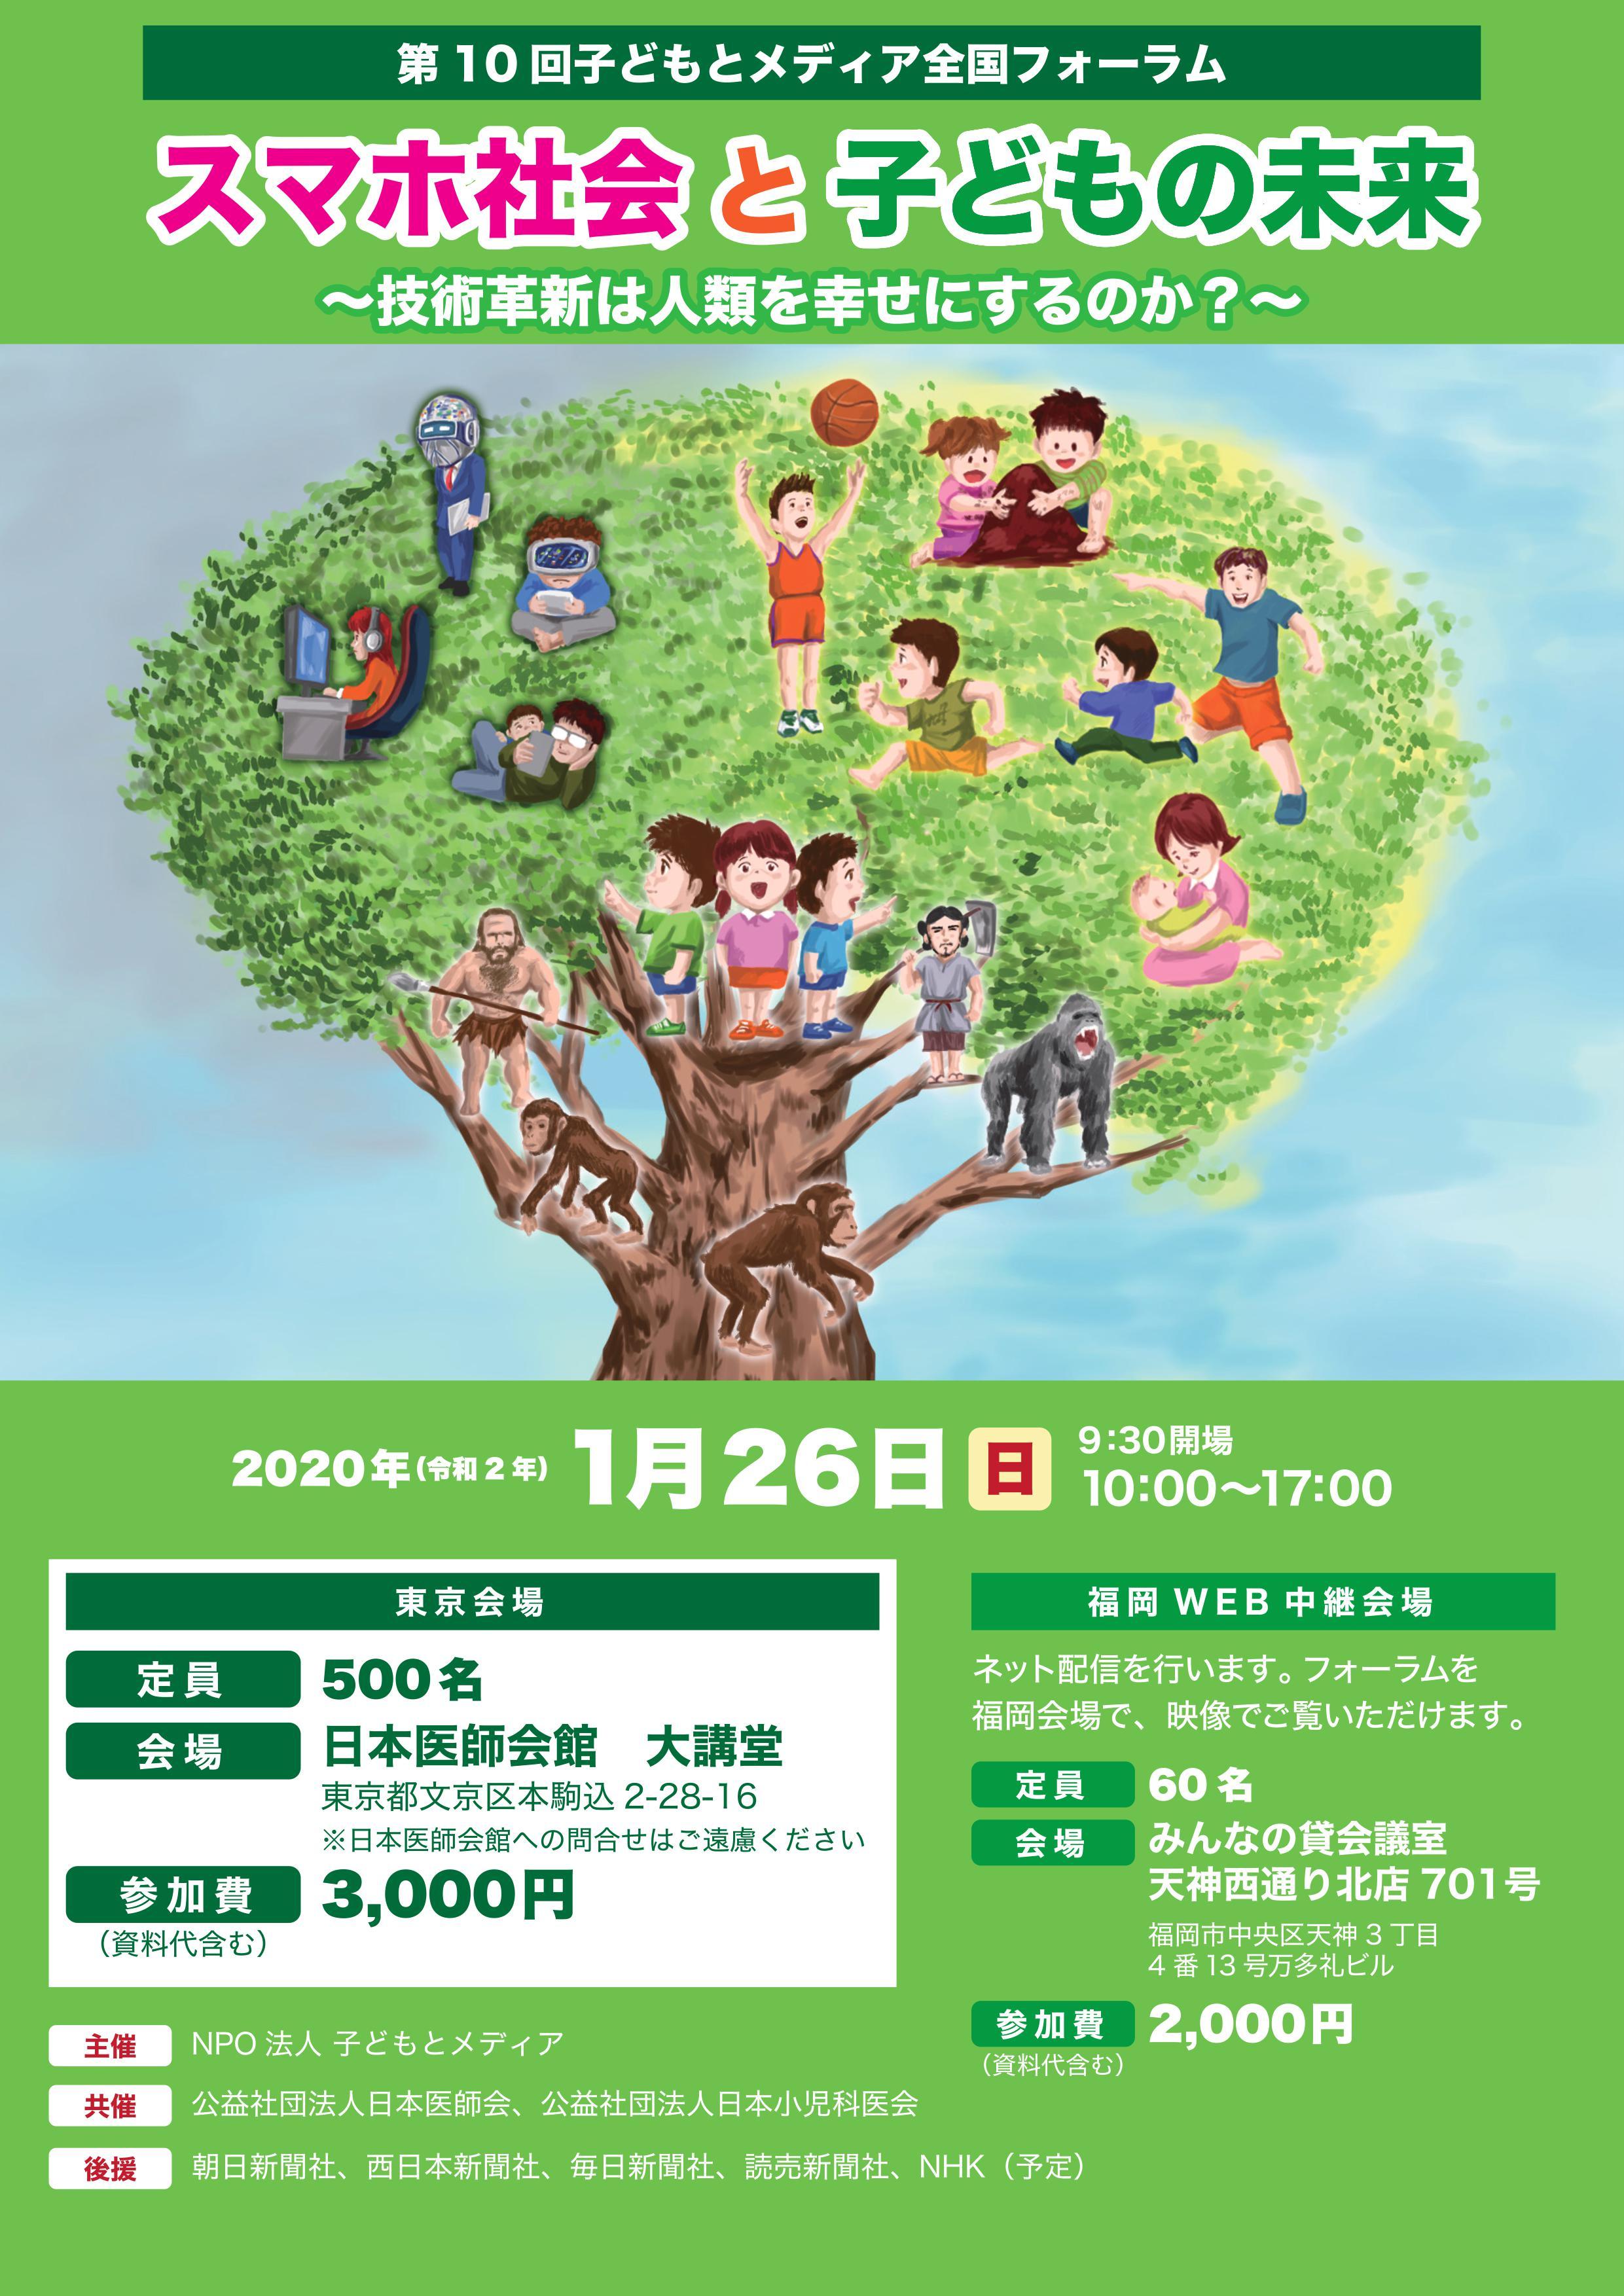 【第10回 子どもとメディア全国フォーラム】は東京会場500人、福岡会場は100名を超えるご参加にて盛会にて終了しました。(2020年1月26日)